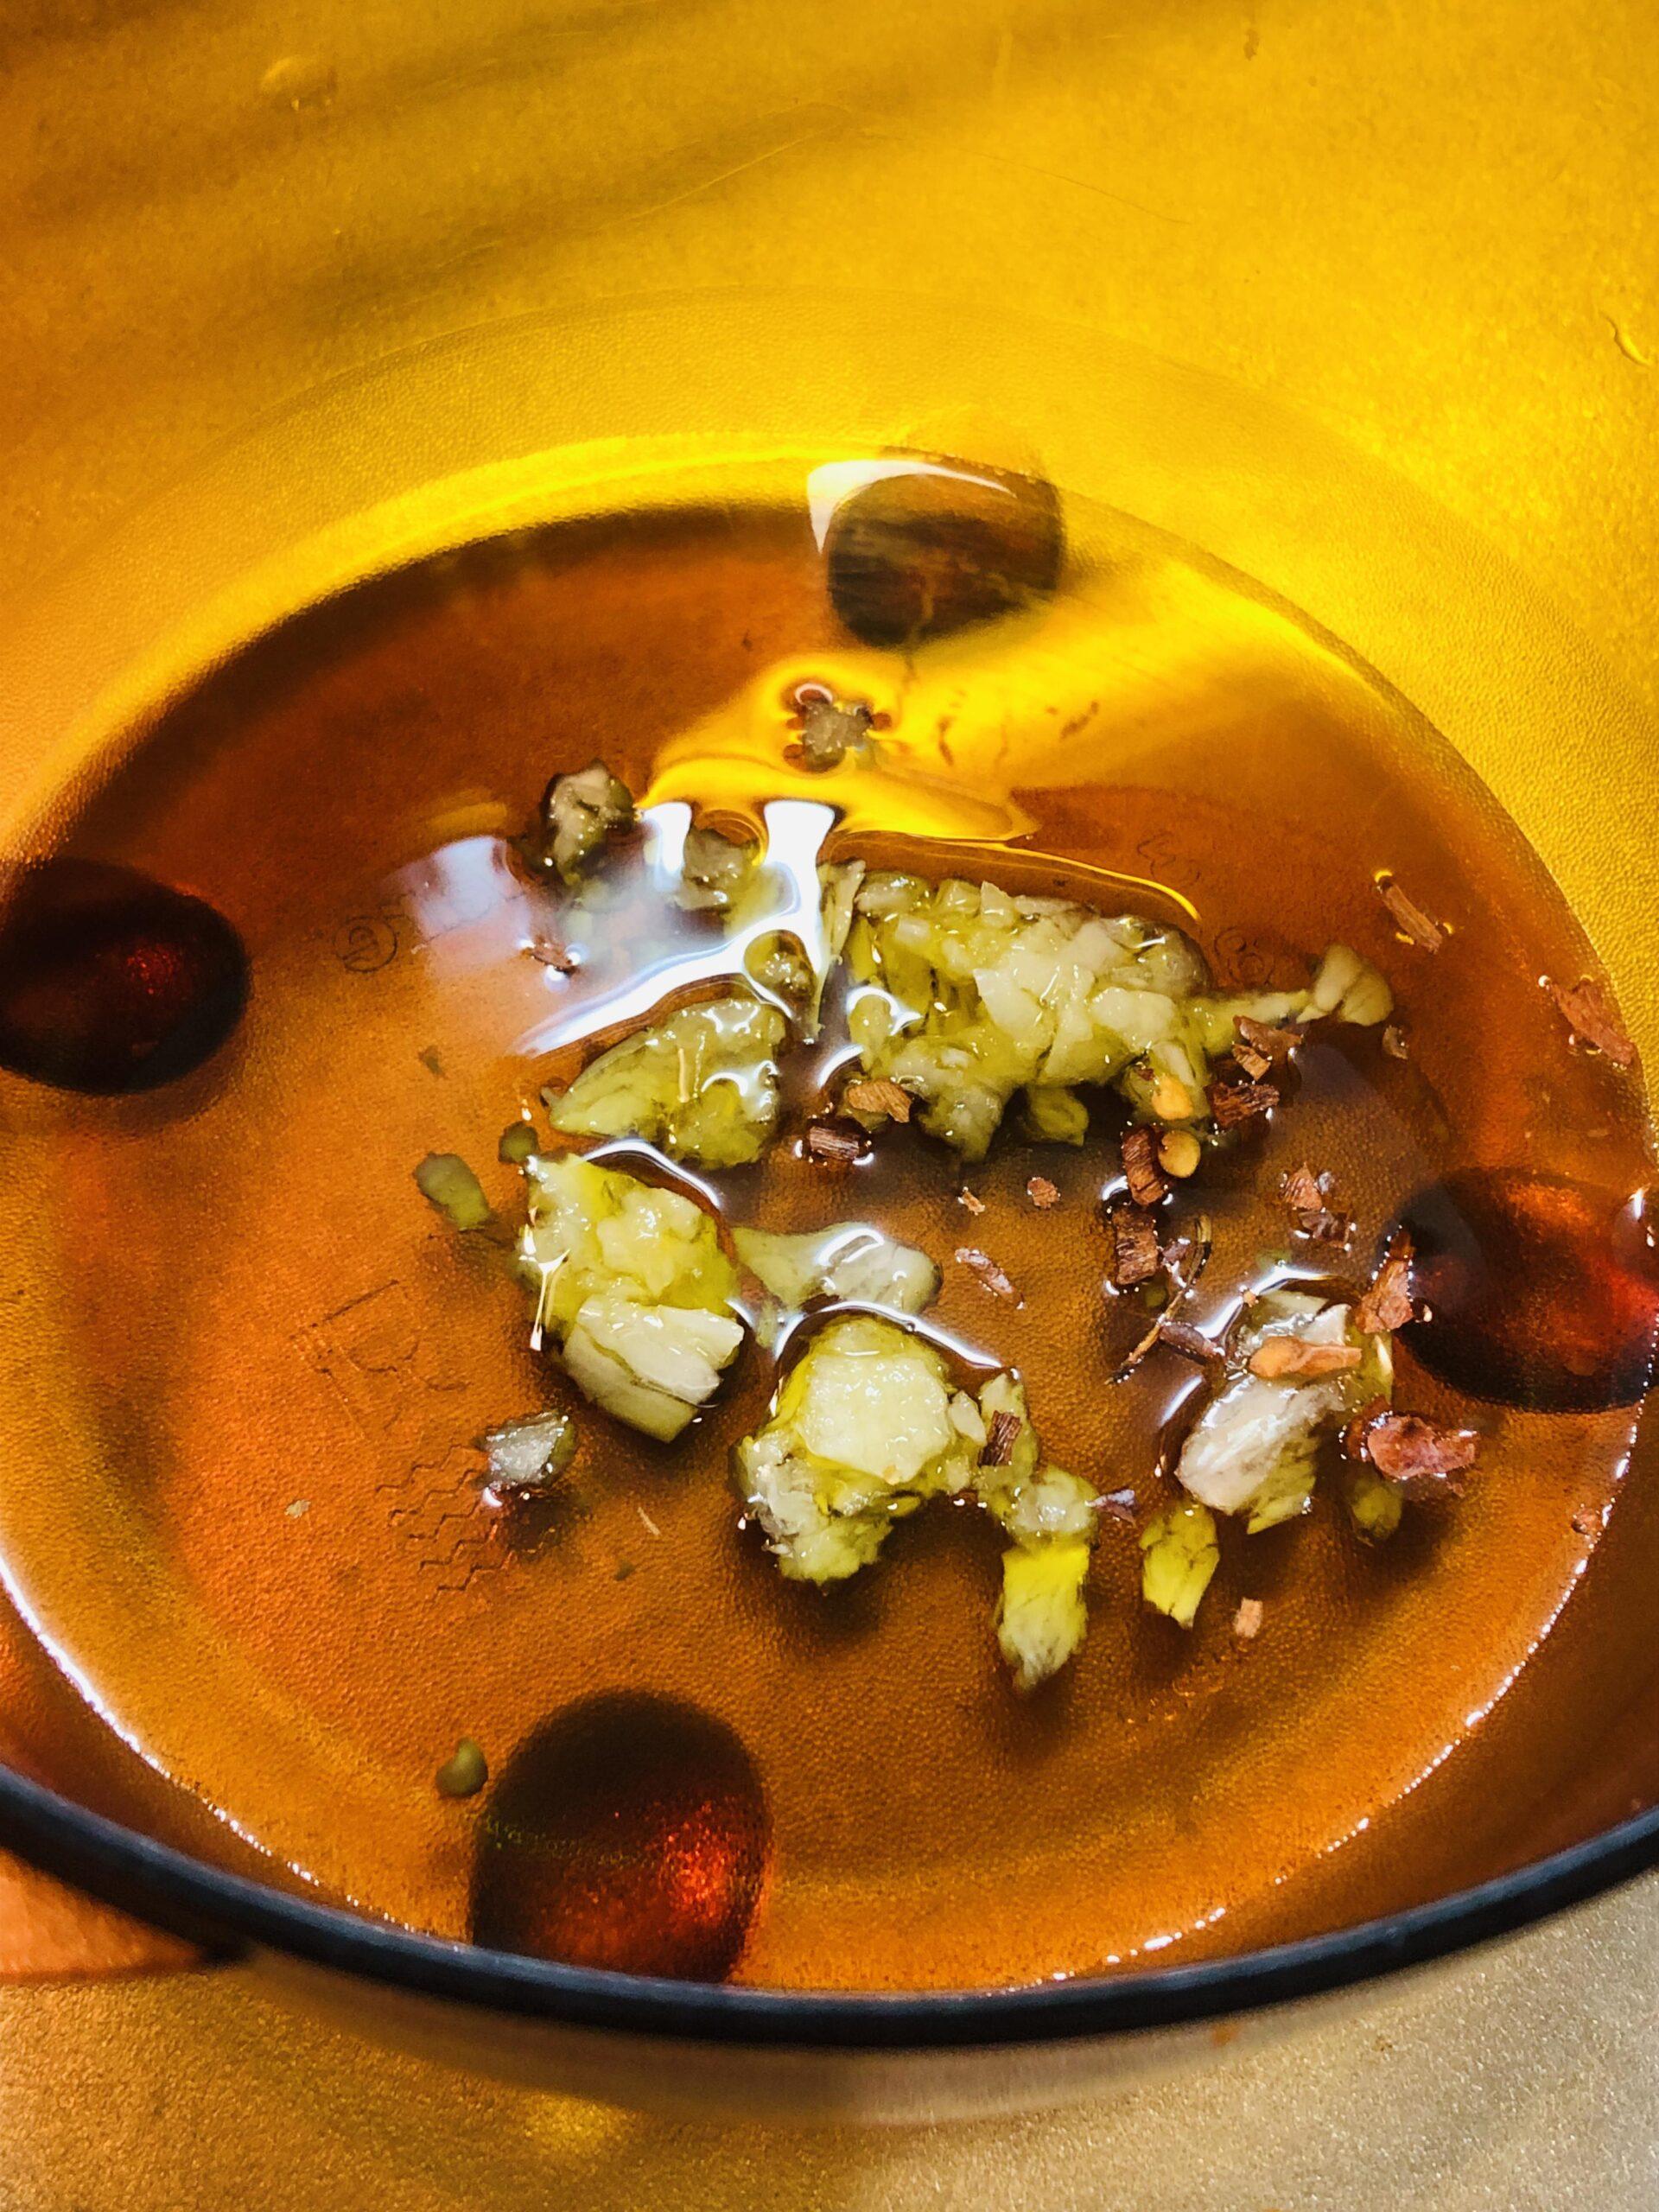 レンジ対応の容器に叩き潰したニンニクとタカノツメ、オリーブオイルを入れた様子の画像です